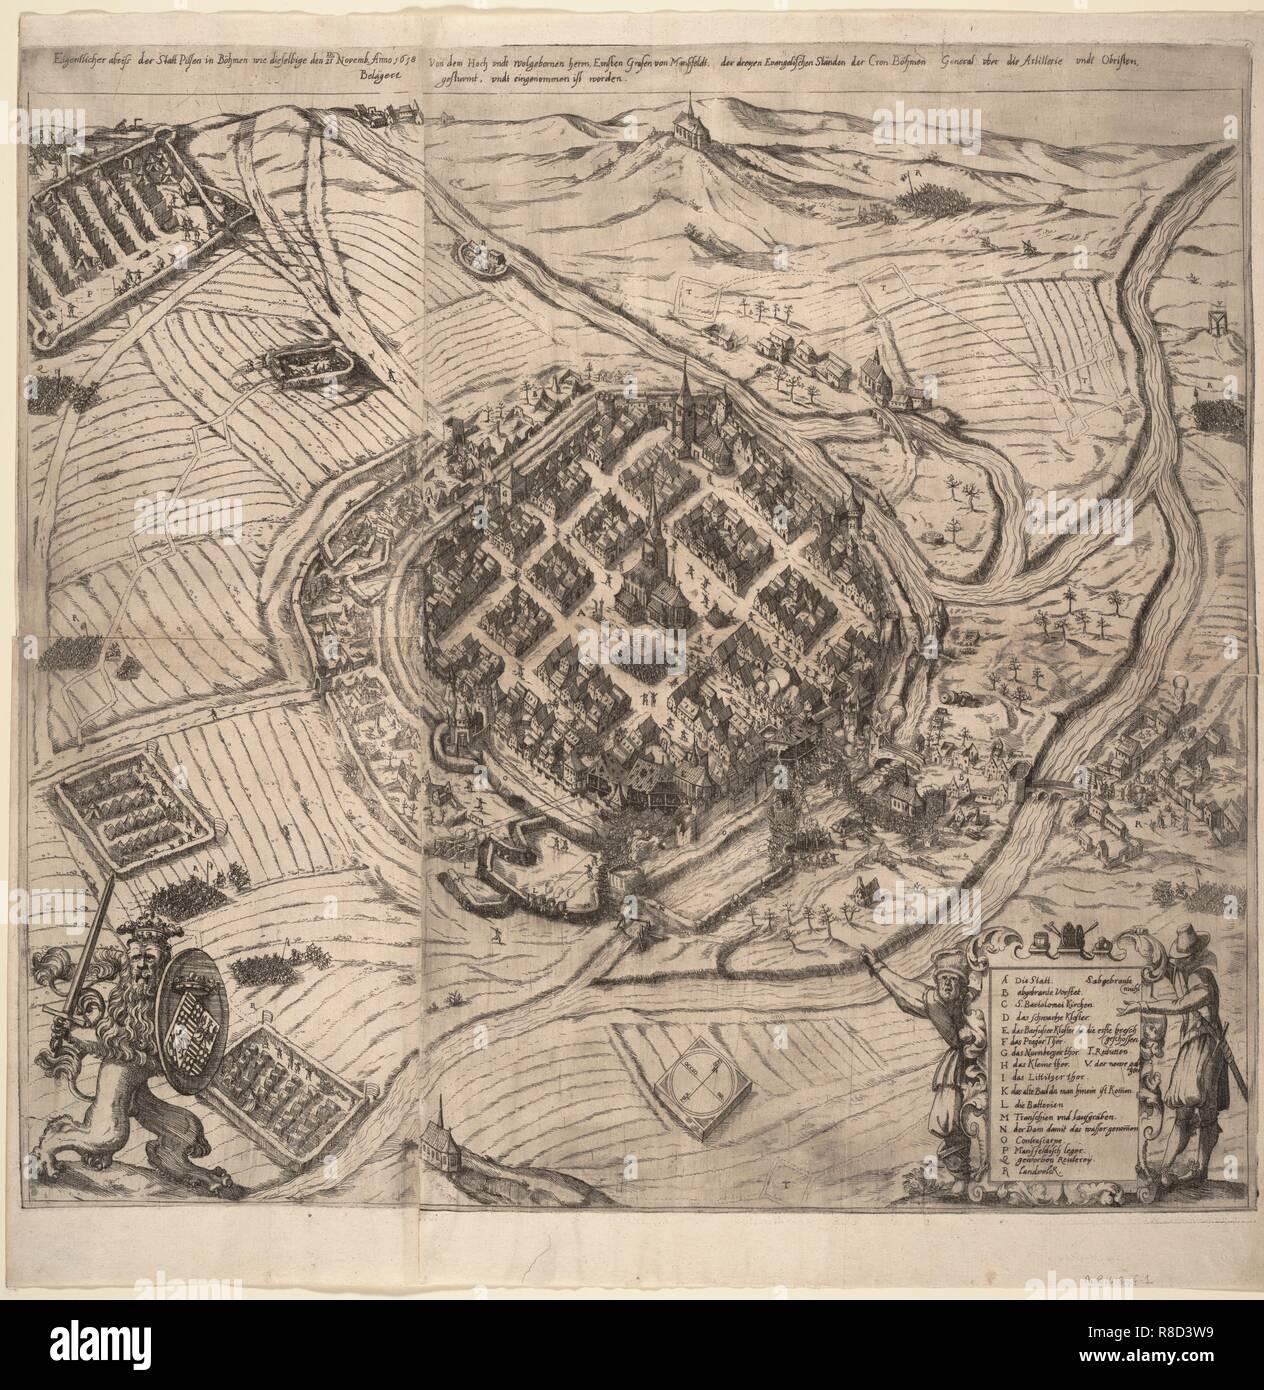 The Siege of Pilsen by Ernst von Mansfeld on 21 November 1618, c1620. Stock Photo